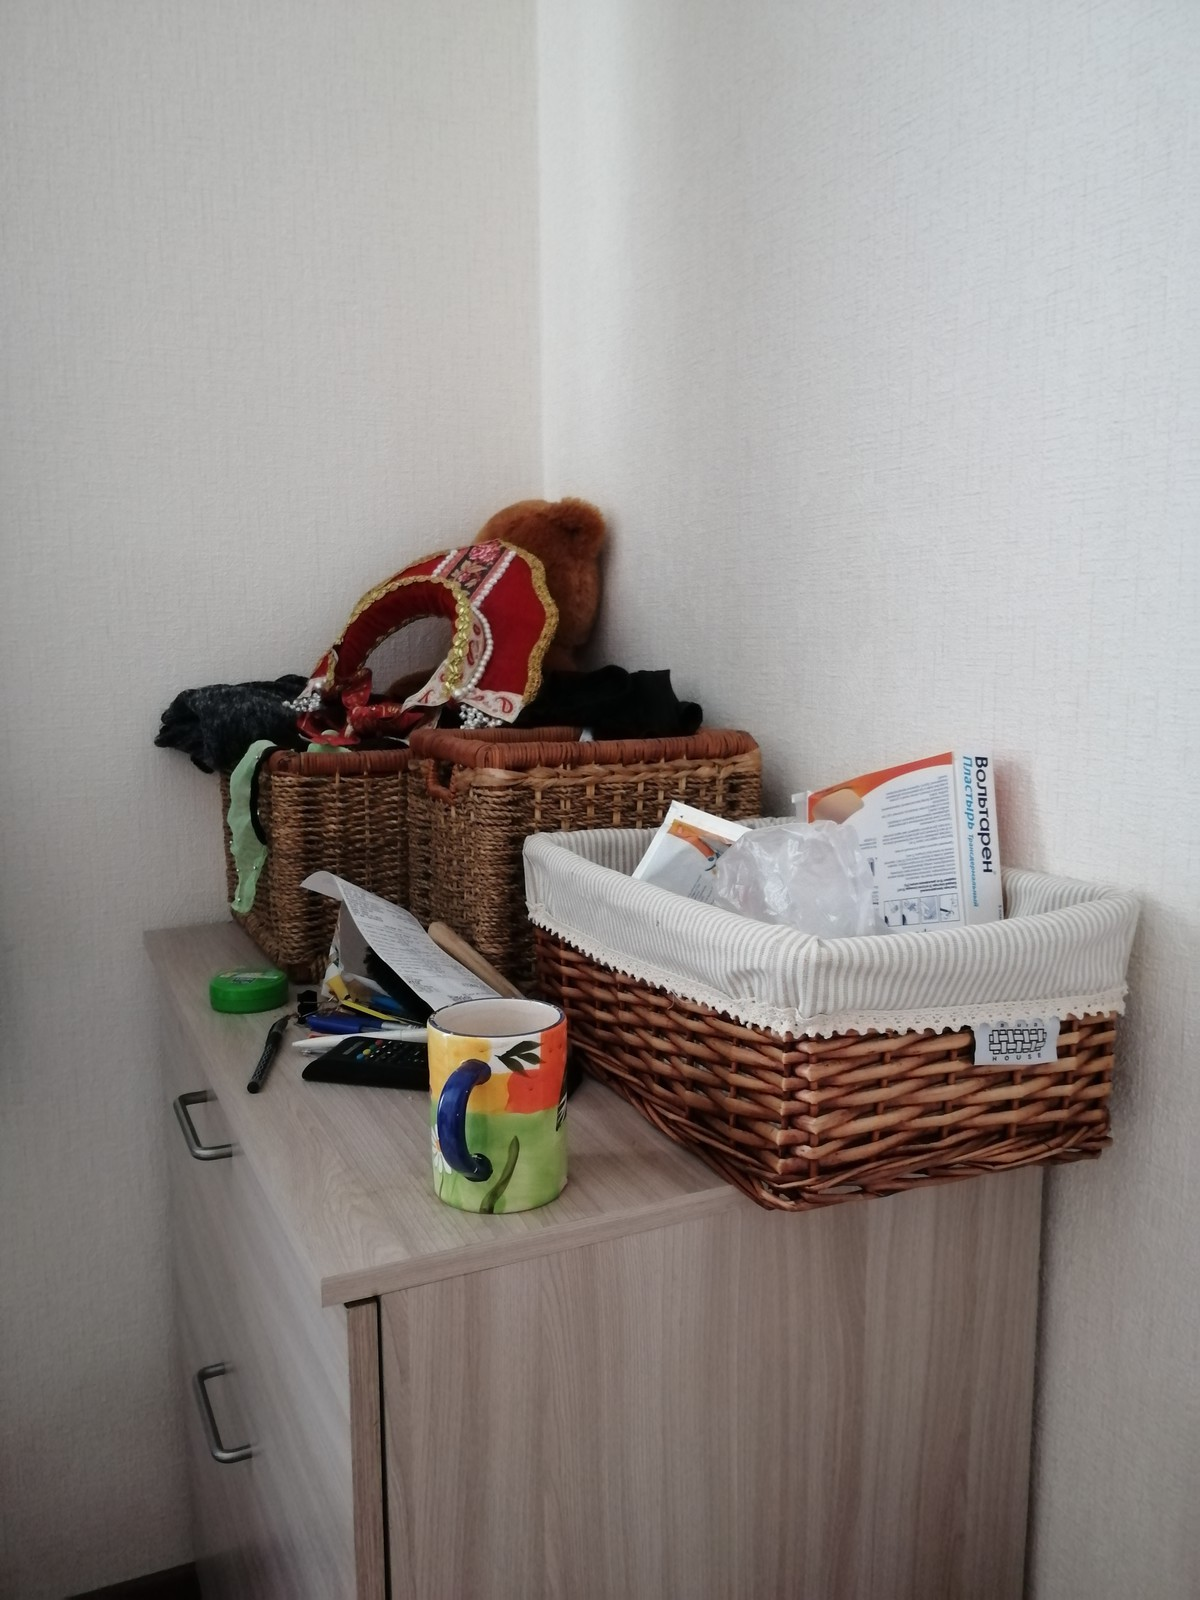 Один будний день журналиста и писателя в коммуне, Санкт-Петербург, фото 2